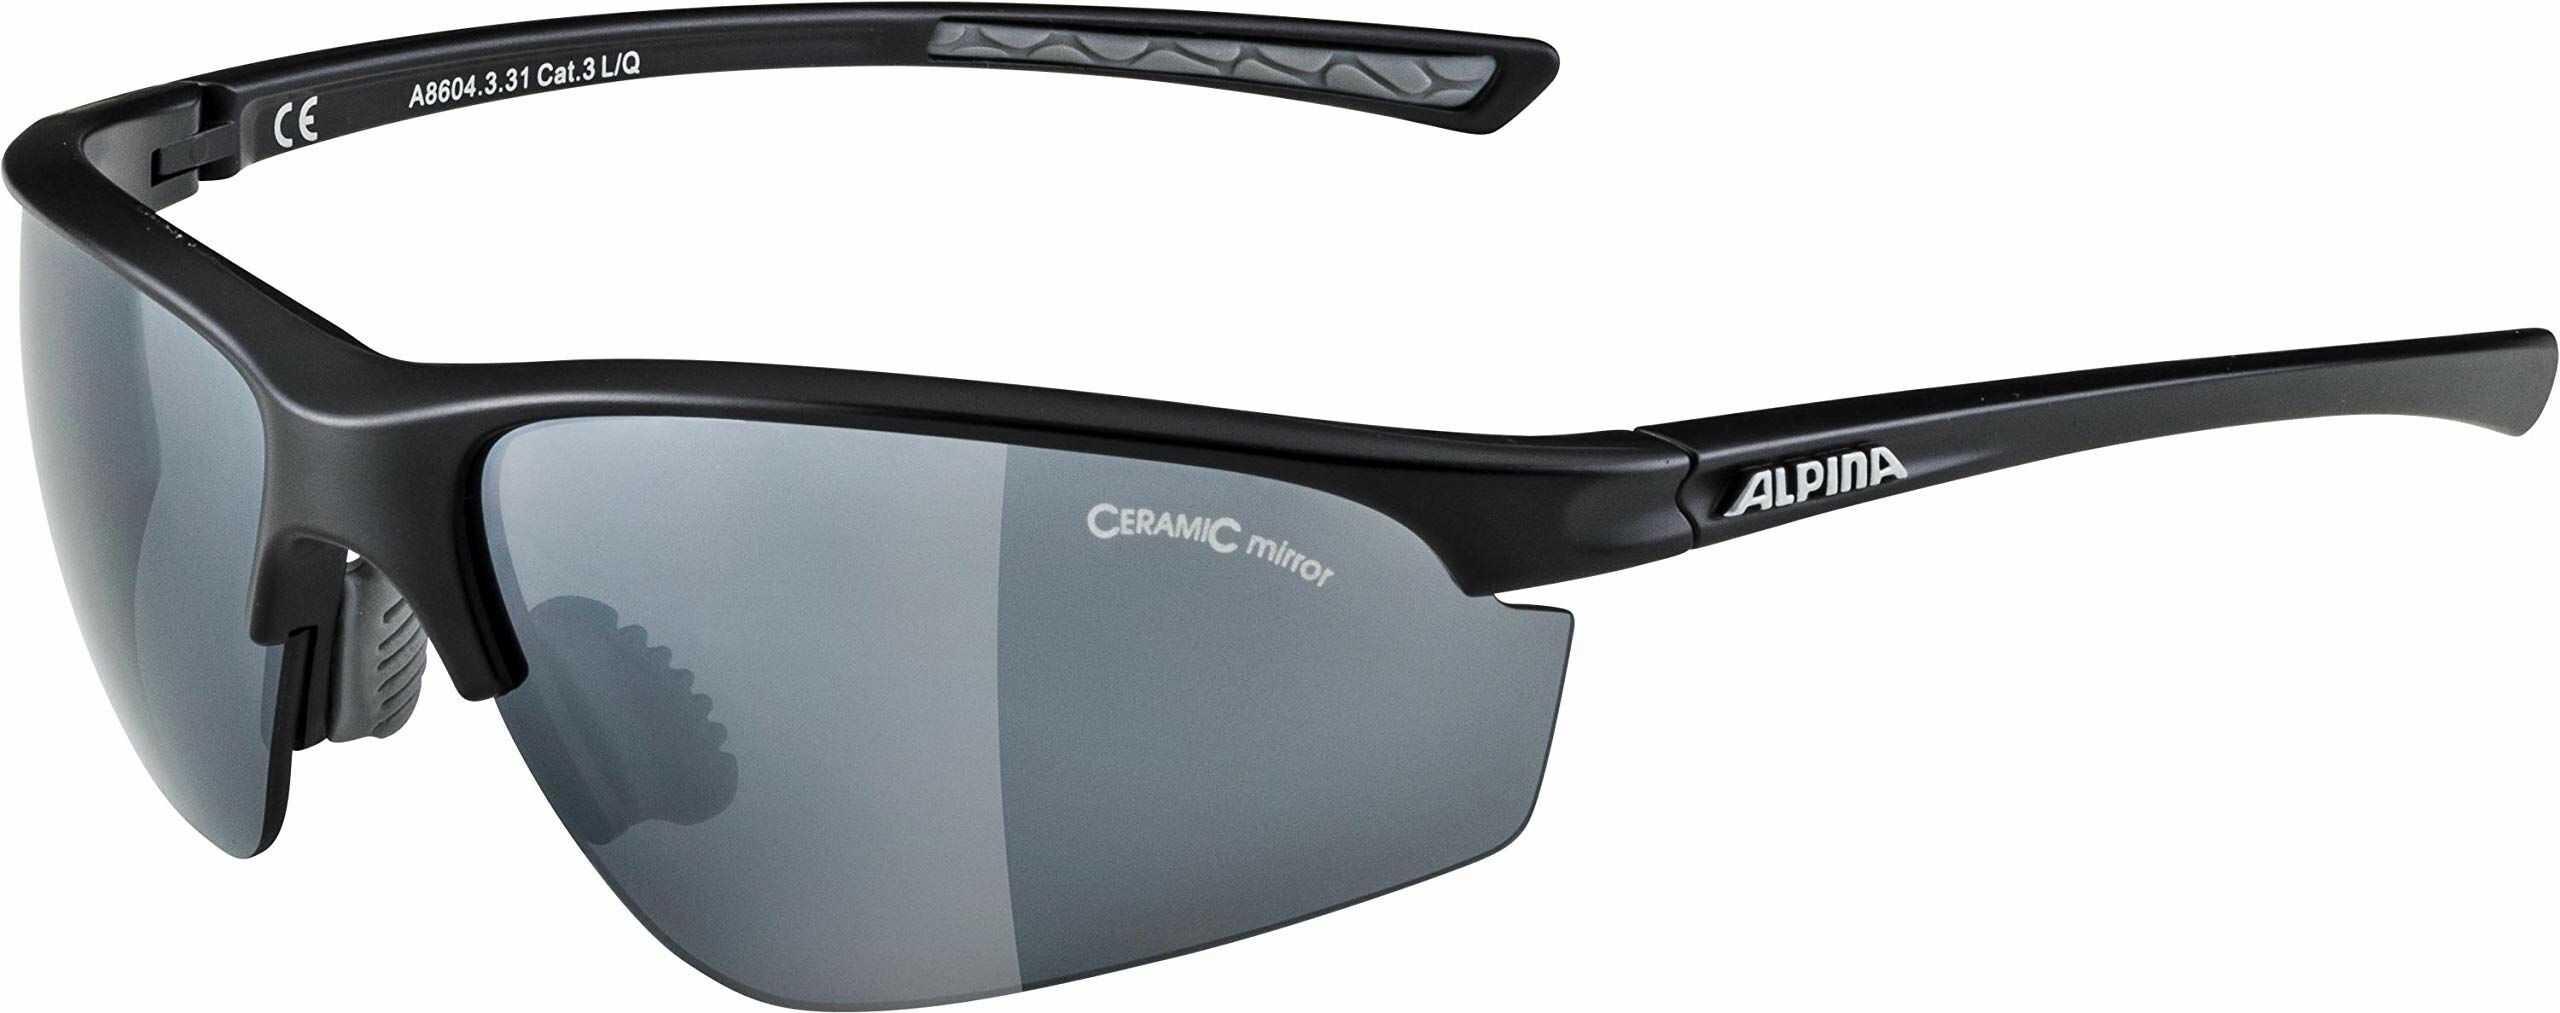 Alpina Tri-Effect 2.0 Okulary Przeciwsłoneczne, Czarny